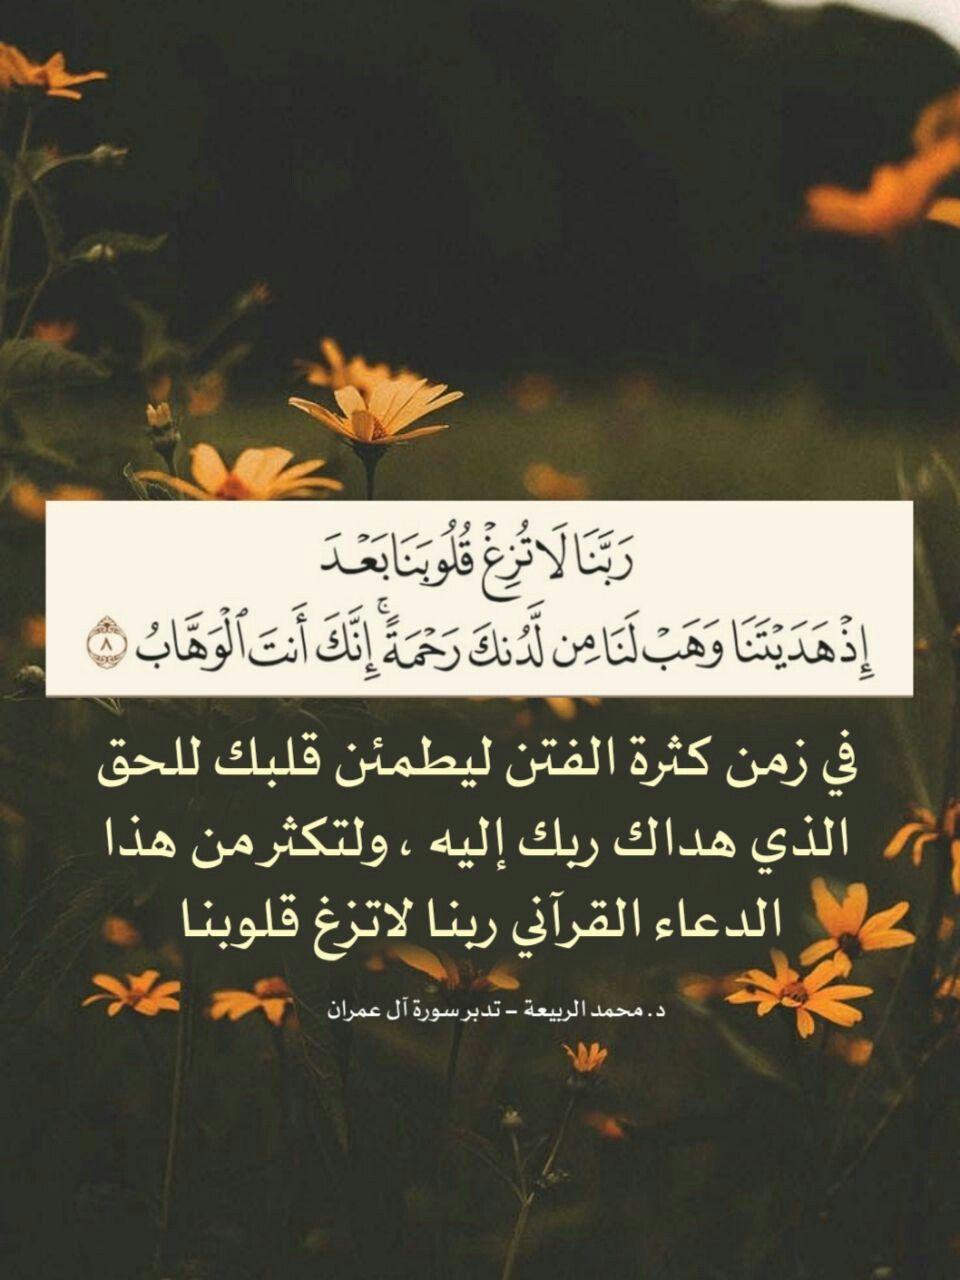 اللهم يا مقلب القلوب ثبت قلبي على دينك Quran Verses Quran Quotes Verses Quran Quotes